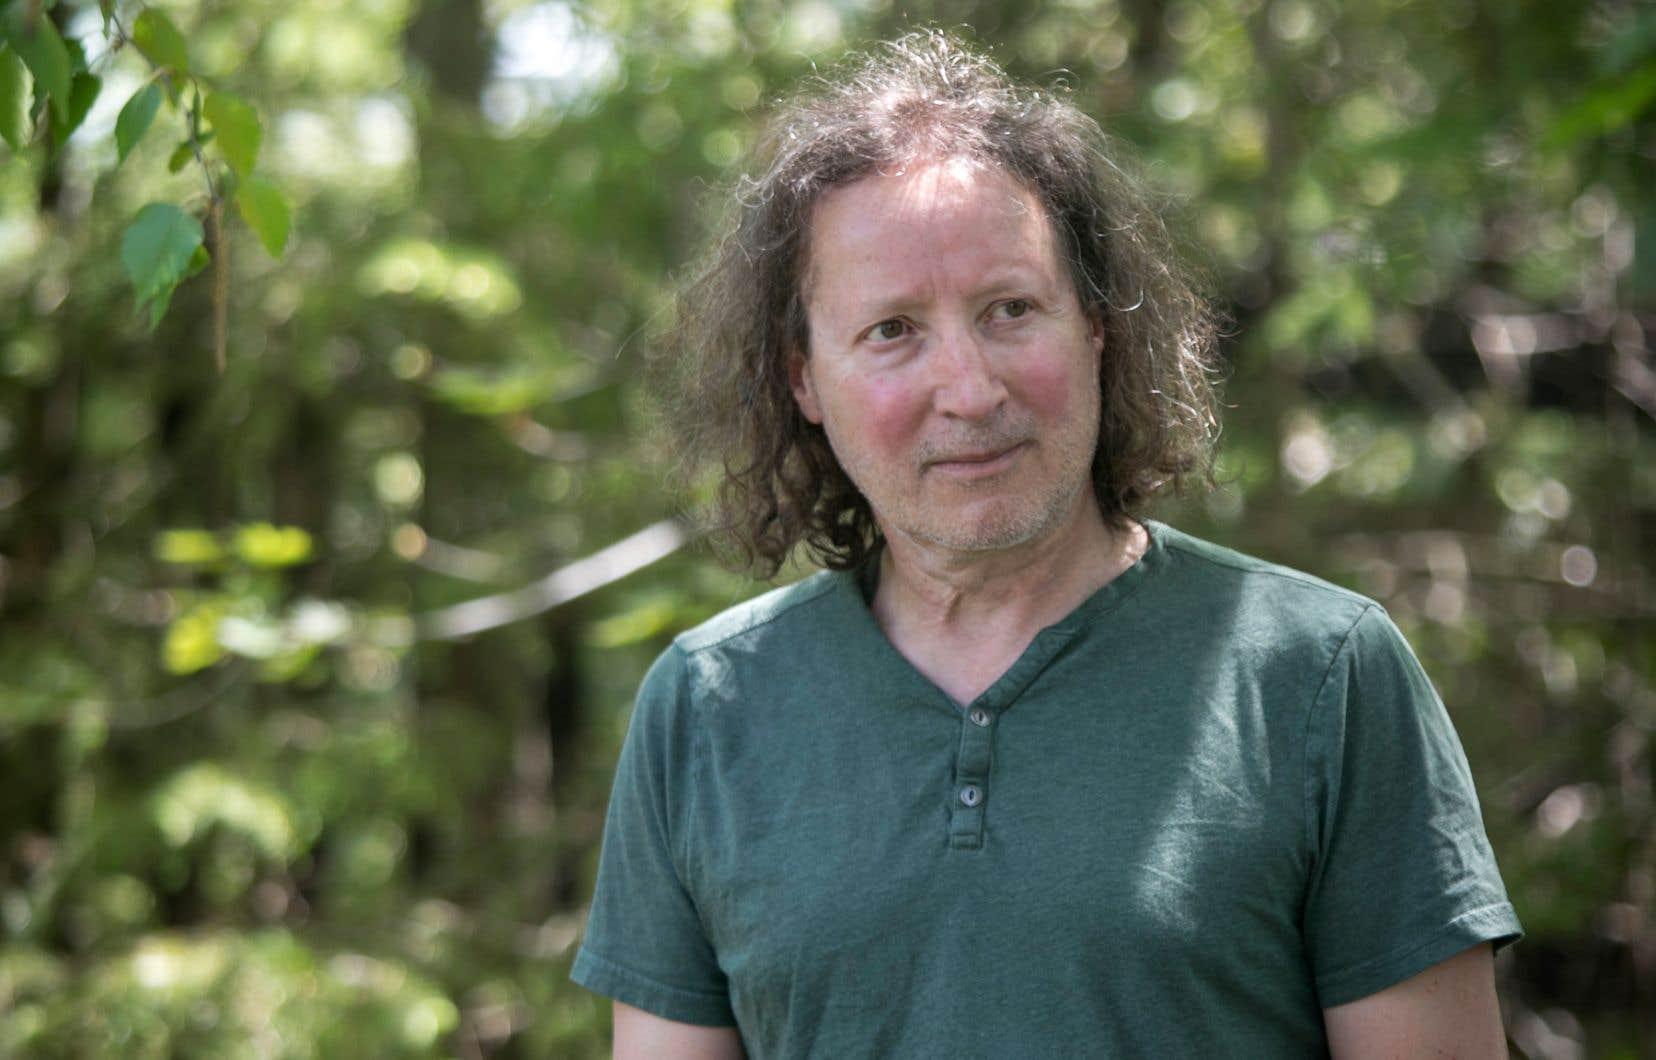 Fidèle à sa manière, le romancier Louis Hamelin mélange ici l'Histoire et le mythe, selon une double trame où vient se juxtaposer son propre point de vue, celui d'un «écrivain et naturaliste québécois».